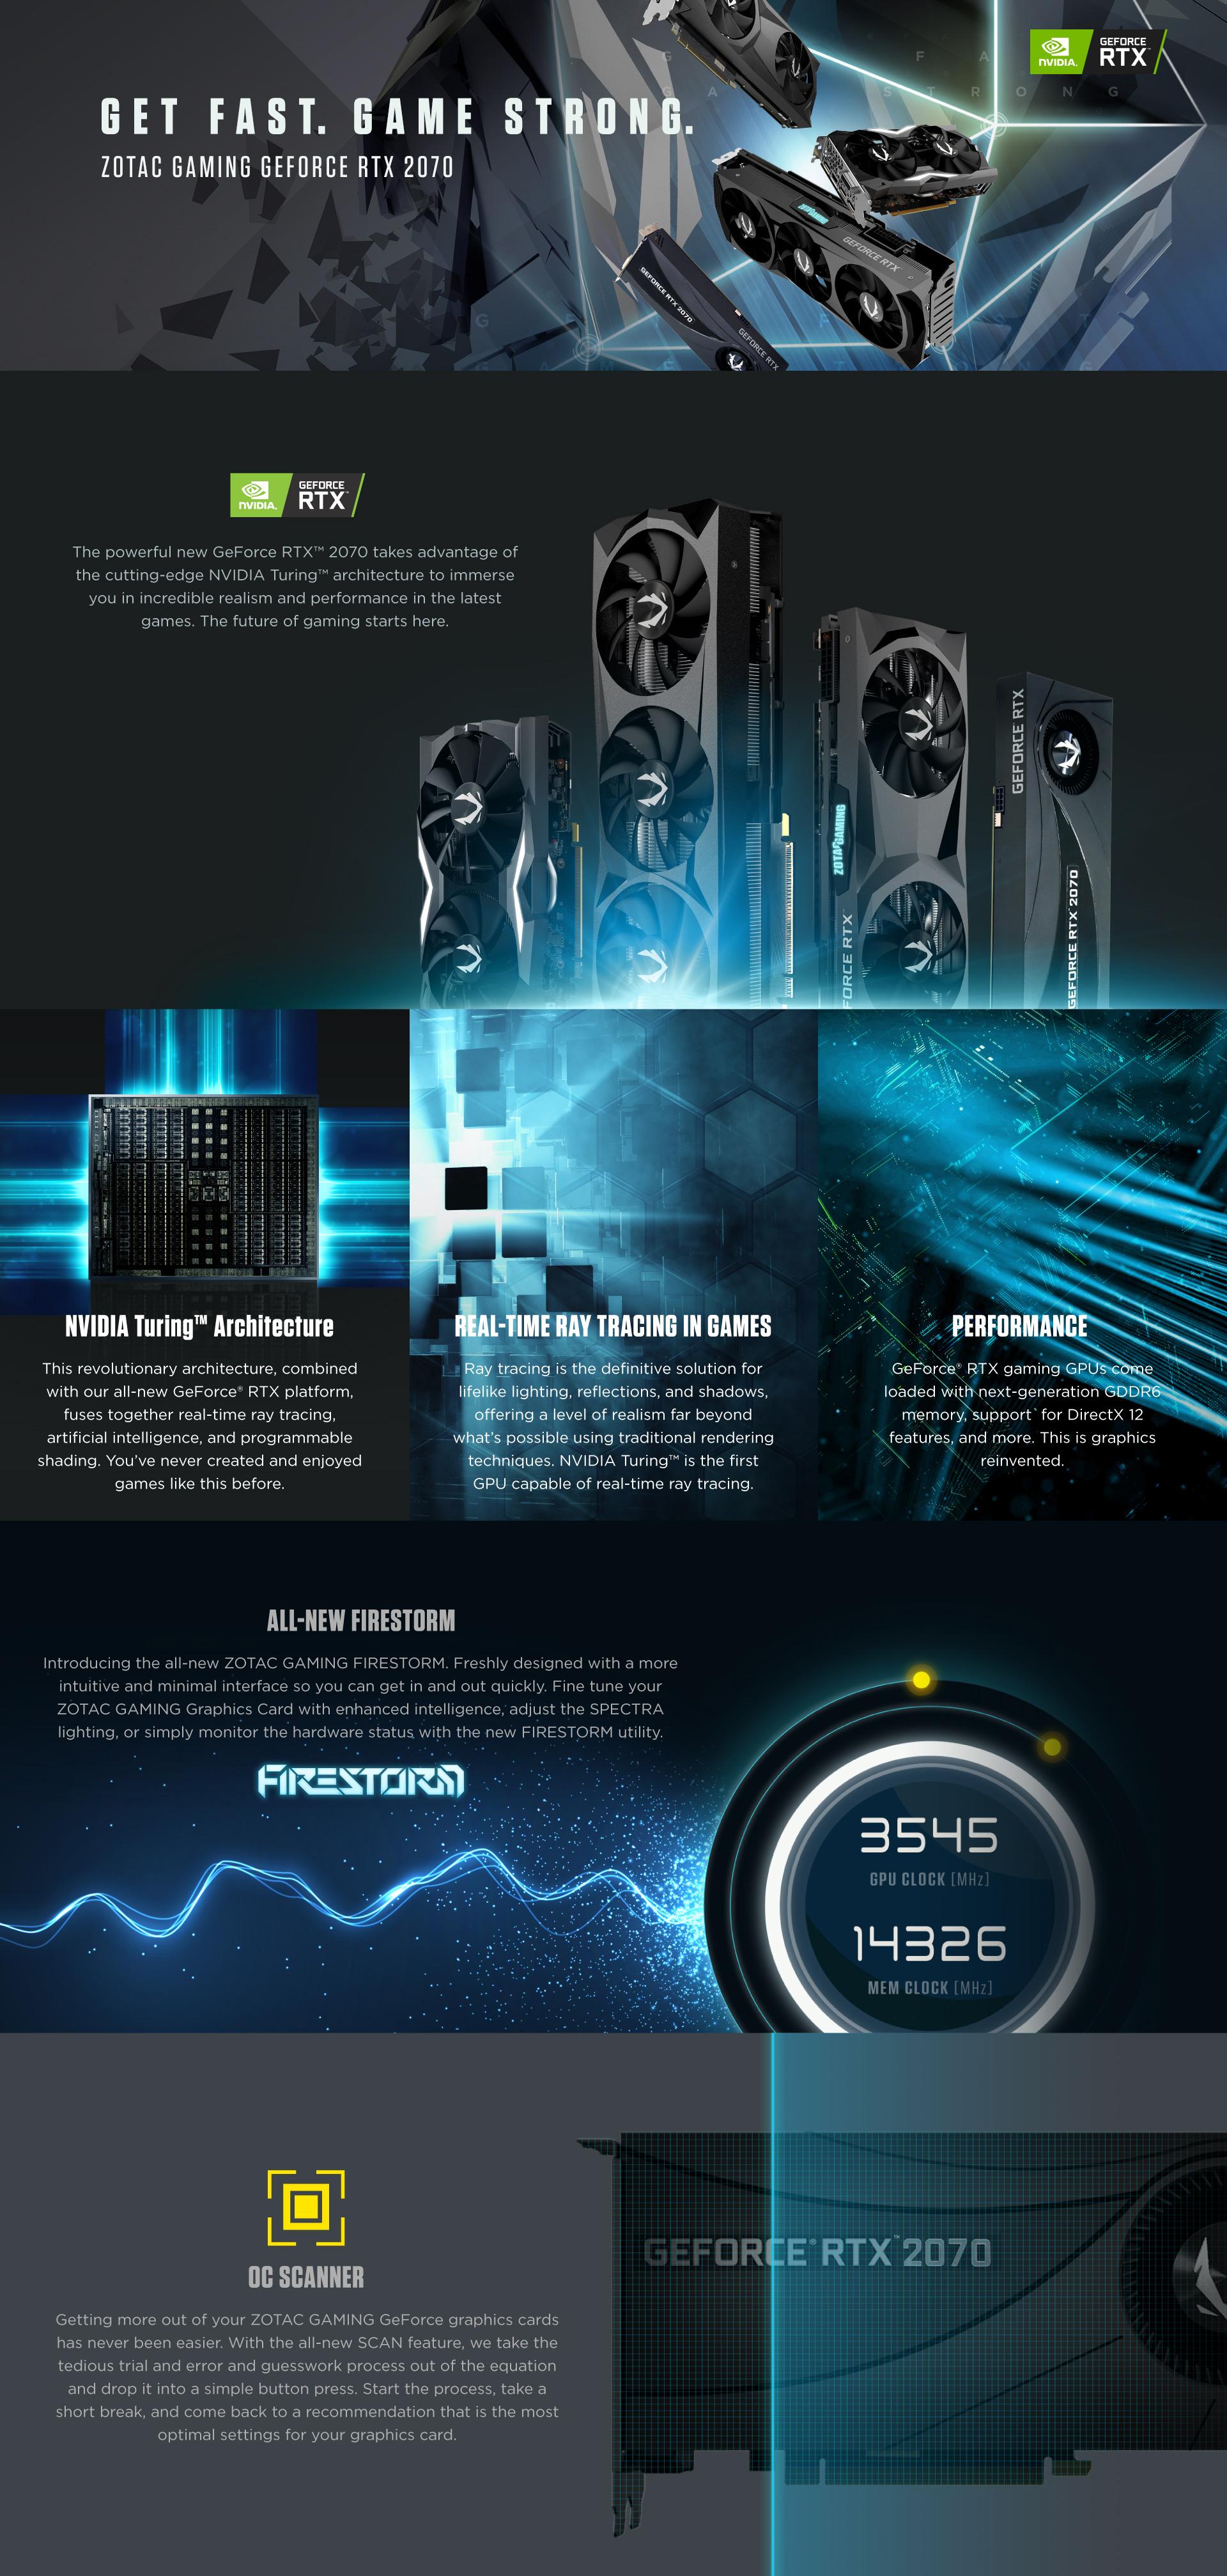 ZOTAC GAMING GeForce RTX 2070 Blower | ZOTAC